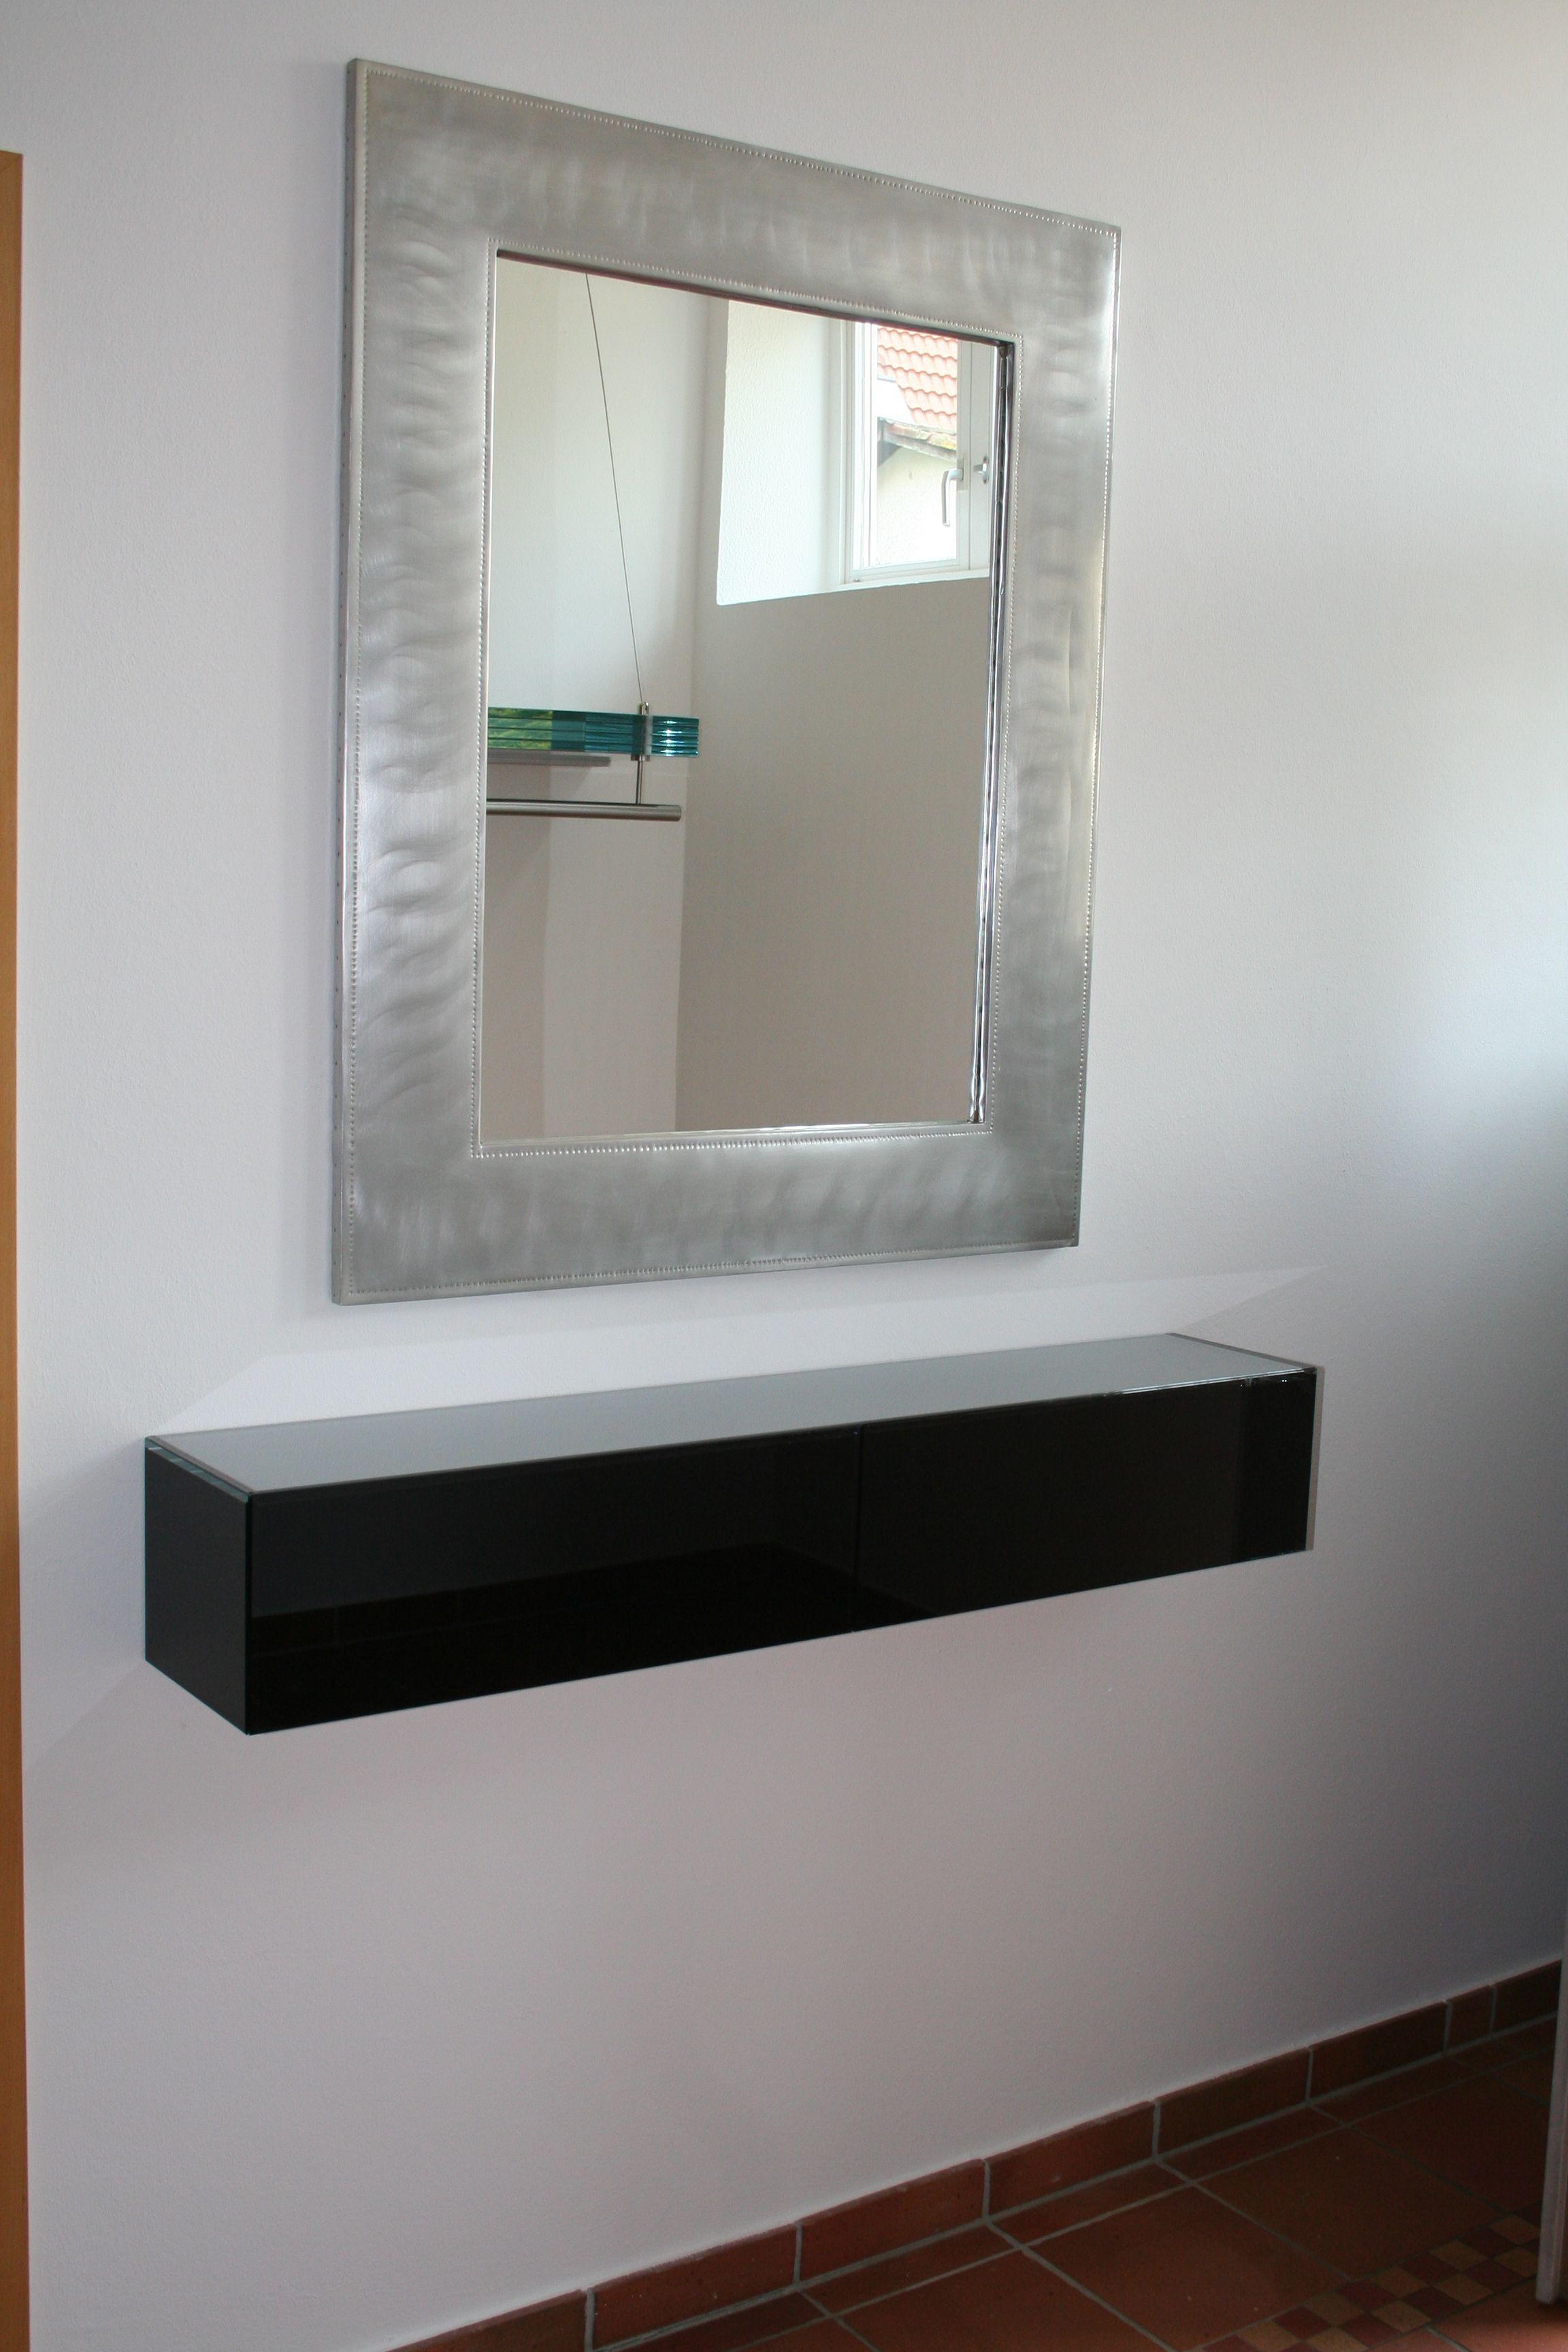 Regal Schublade Abstellflache Ideal Fur Garderoben Spiegel